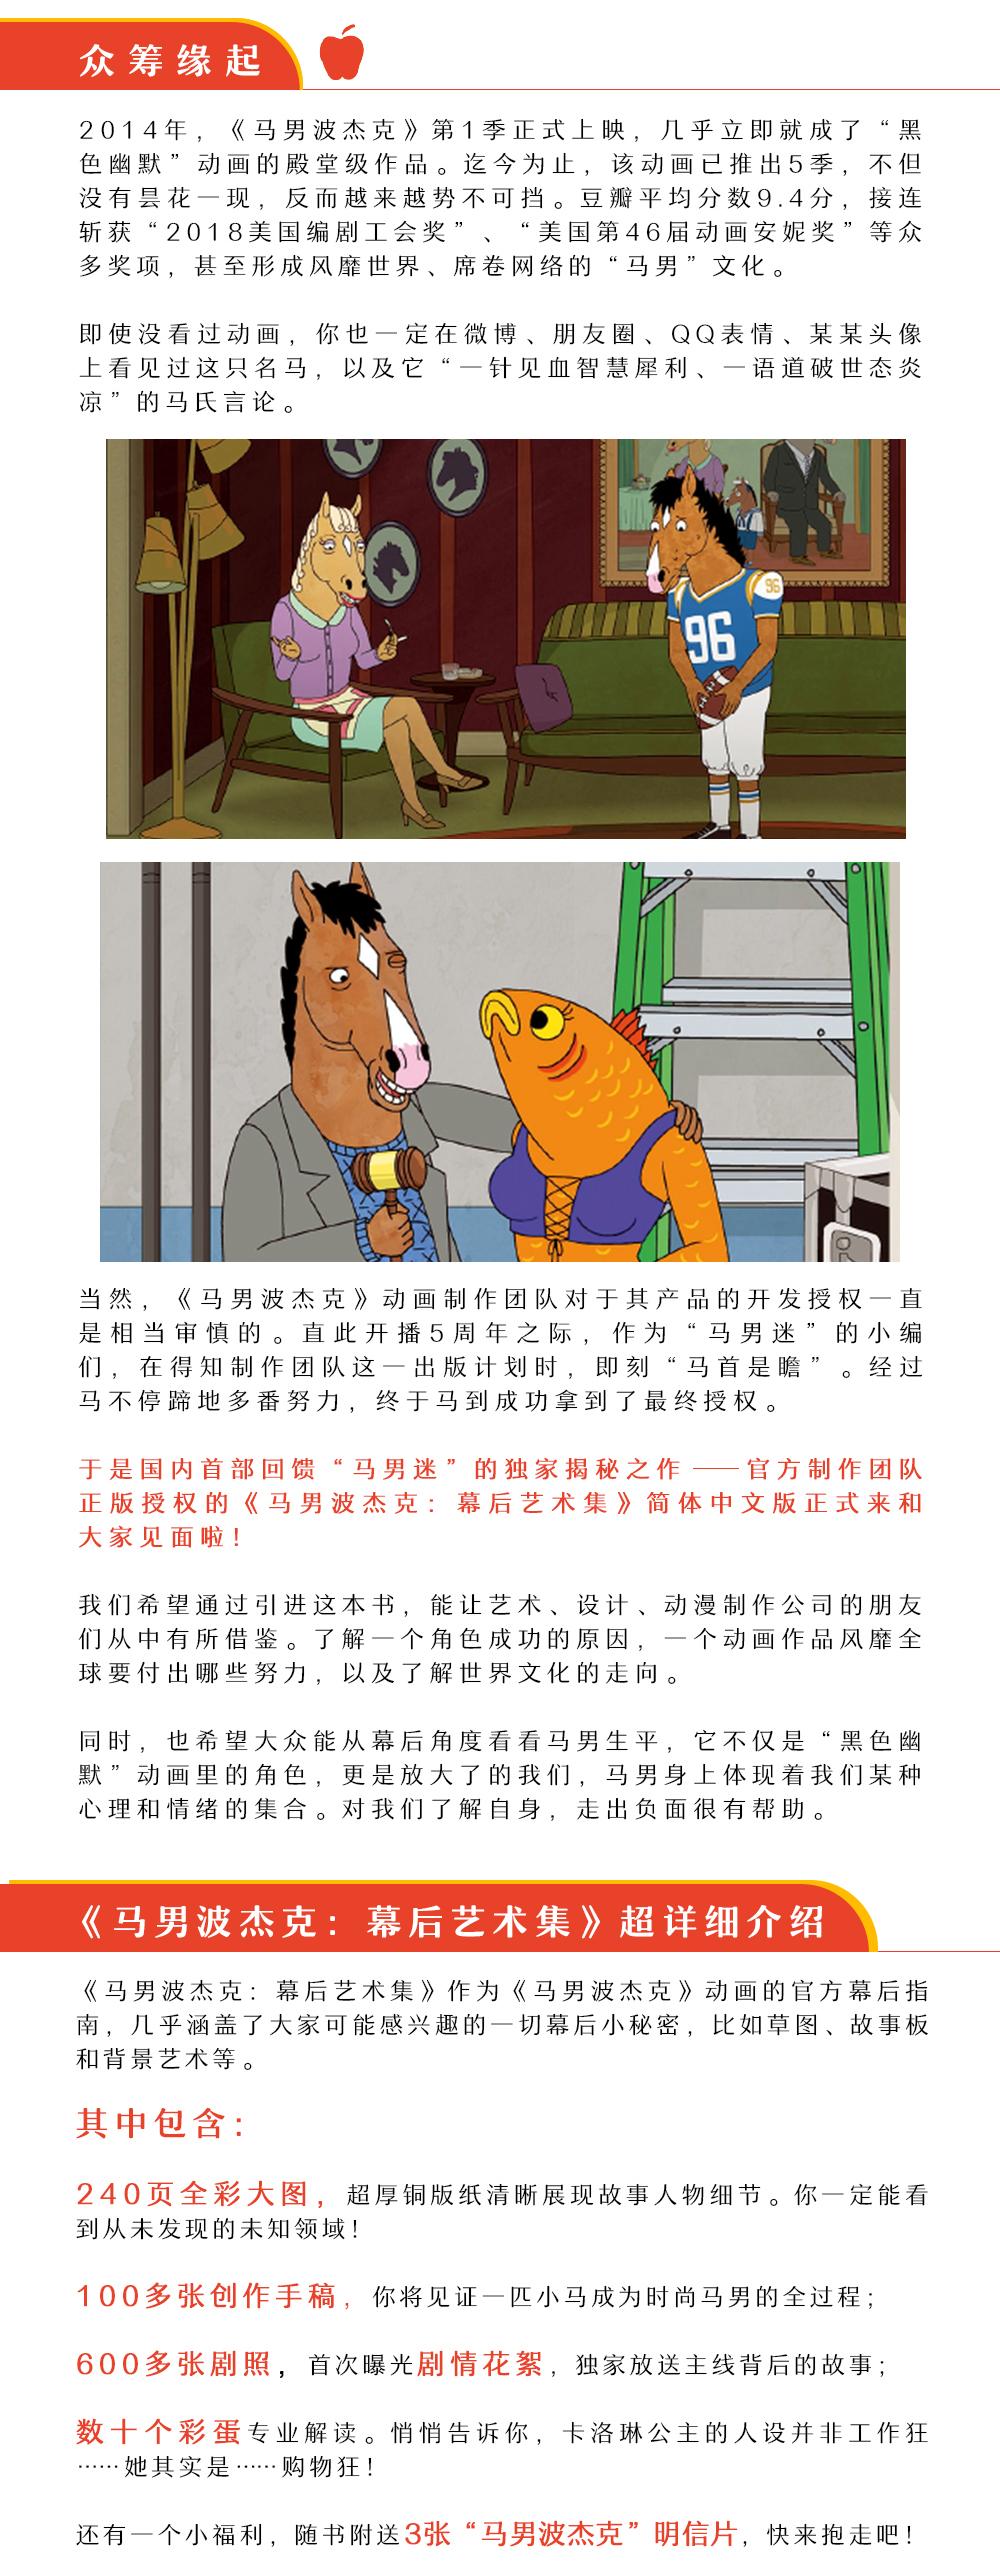 马男切图 (2).jpg